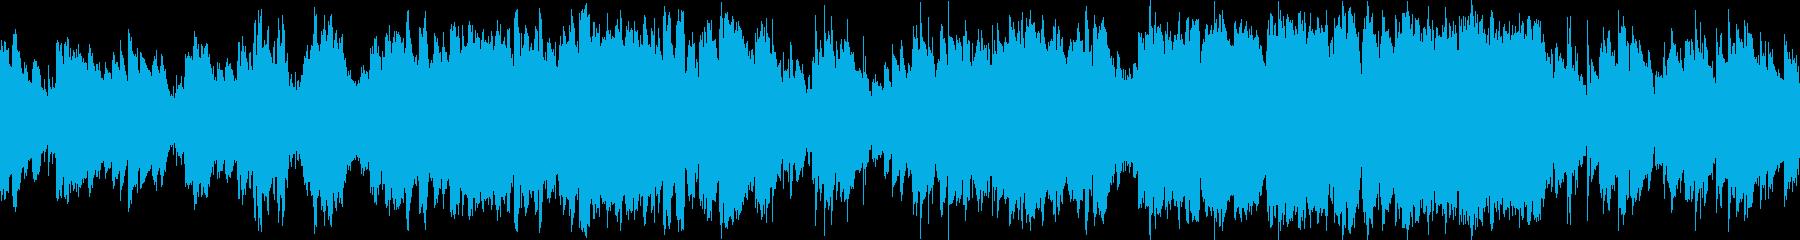 バイオリン・疾走感のある民族調・ループ版の再生済みの波形